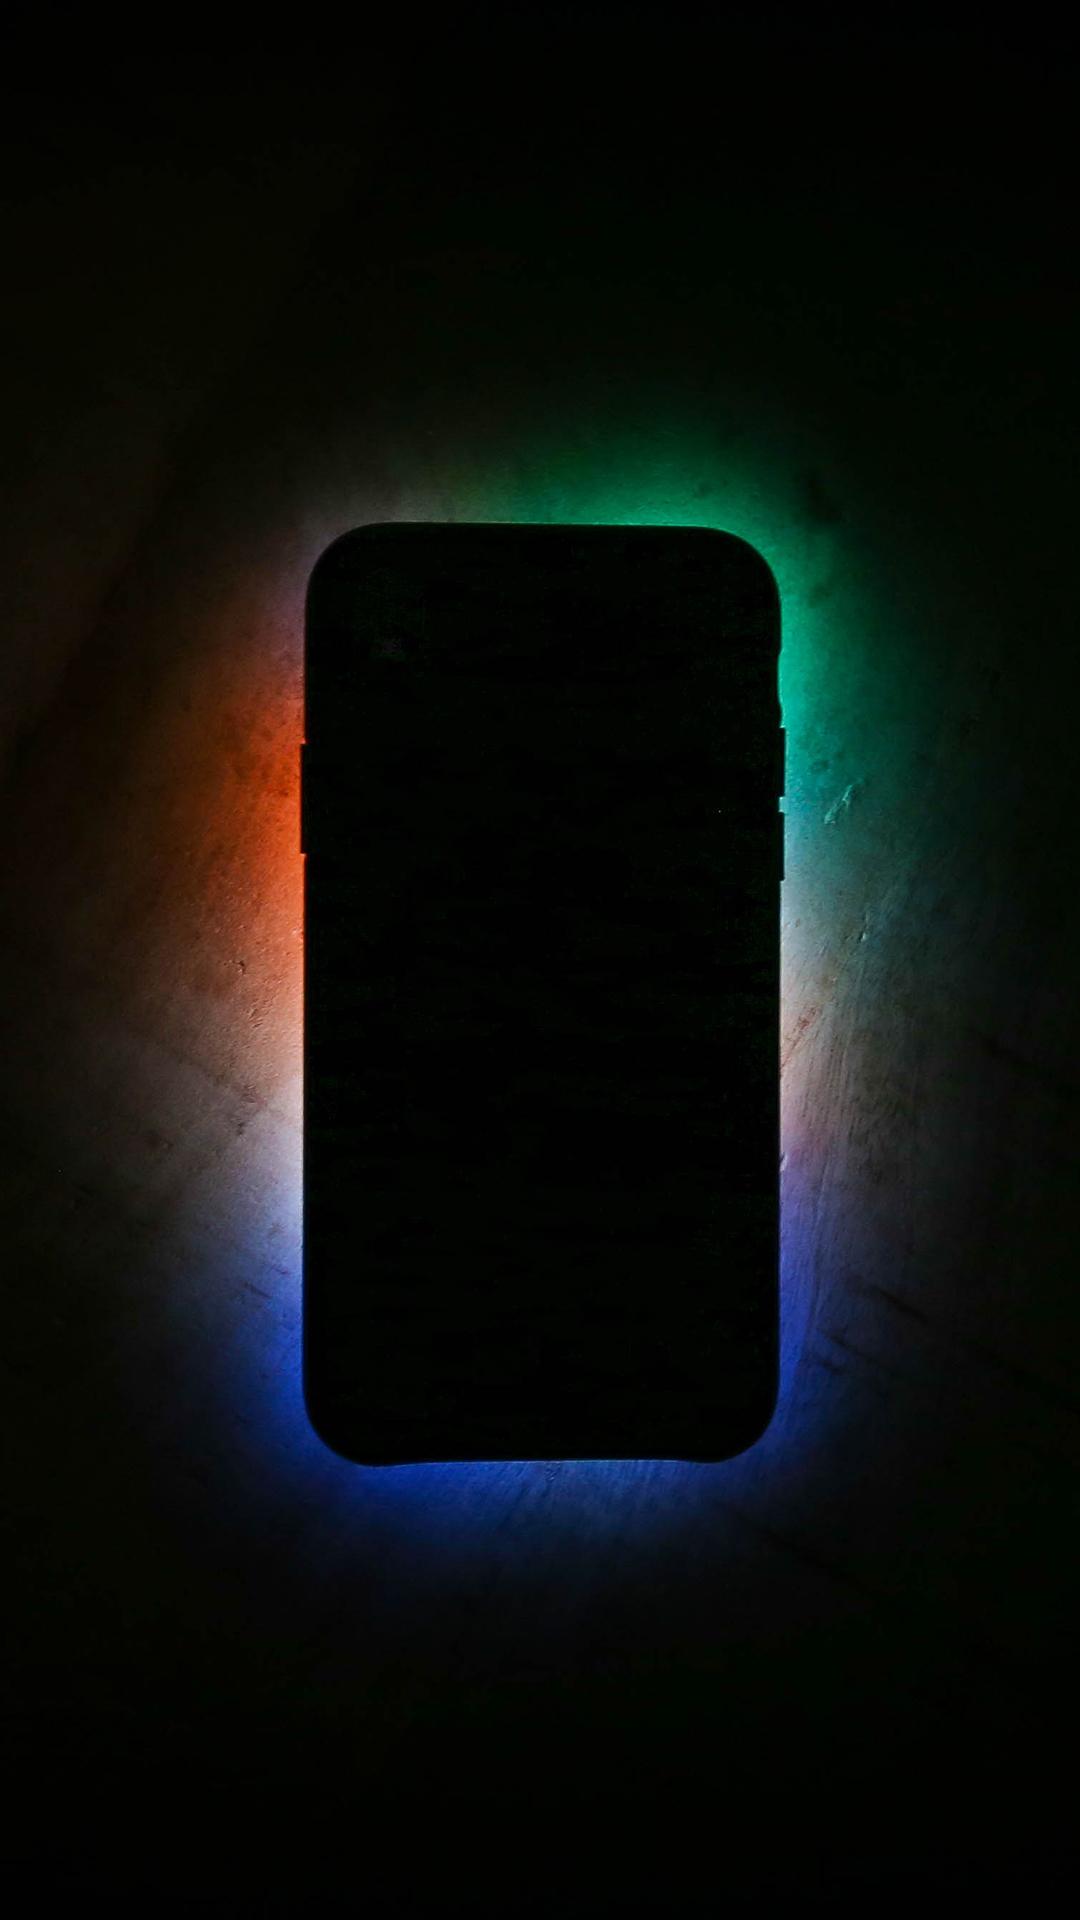 设计 科技 简约 黑色 线 苹果手机高清壁纸 1080x1920 爱思助手图片